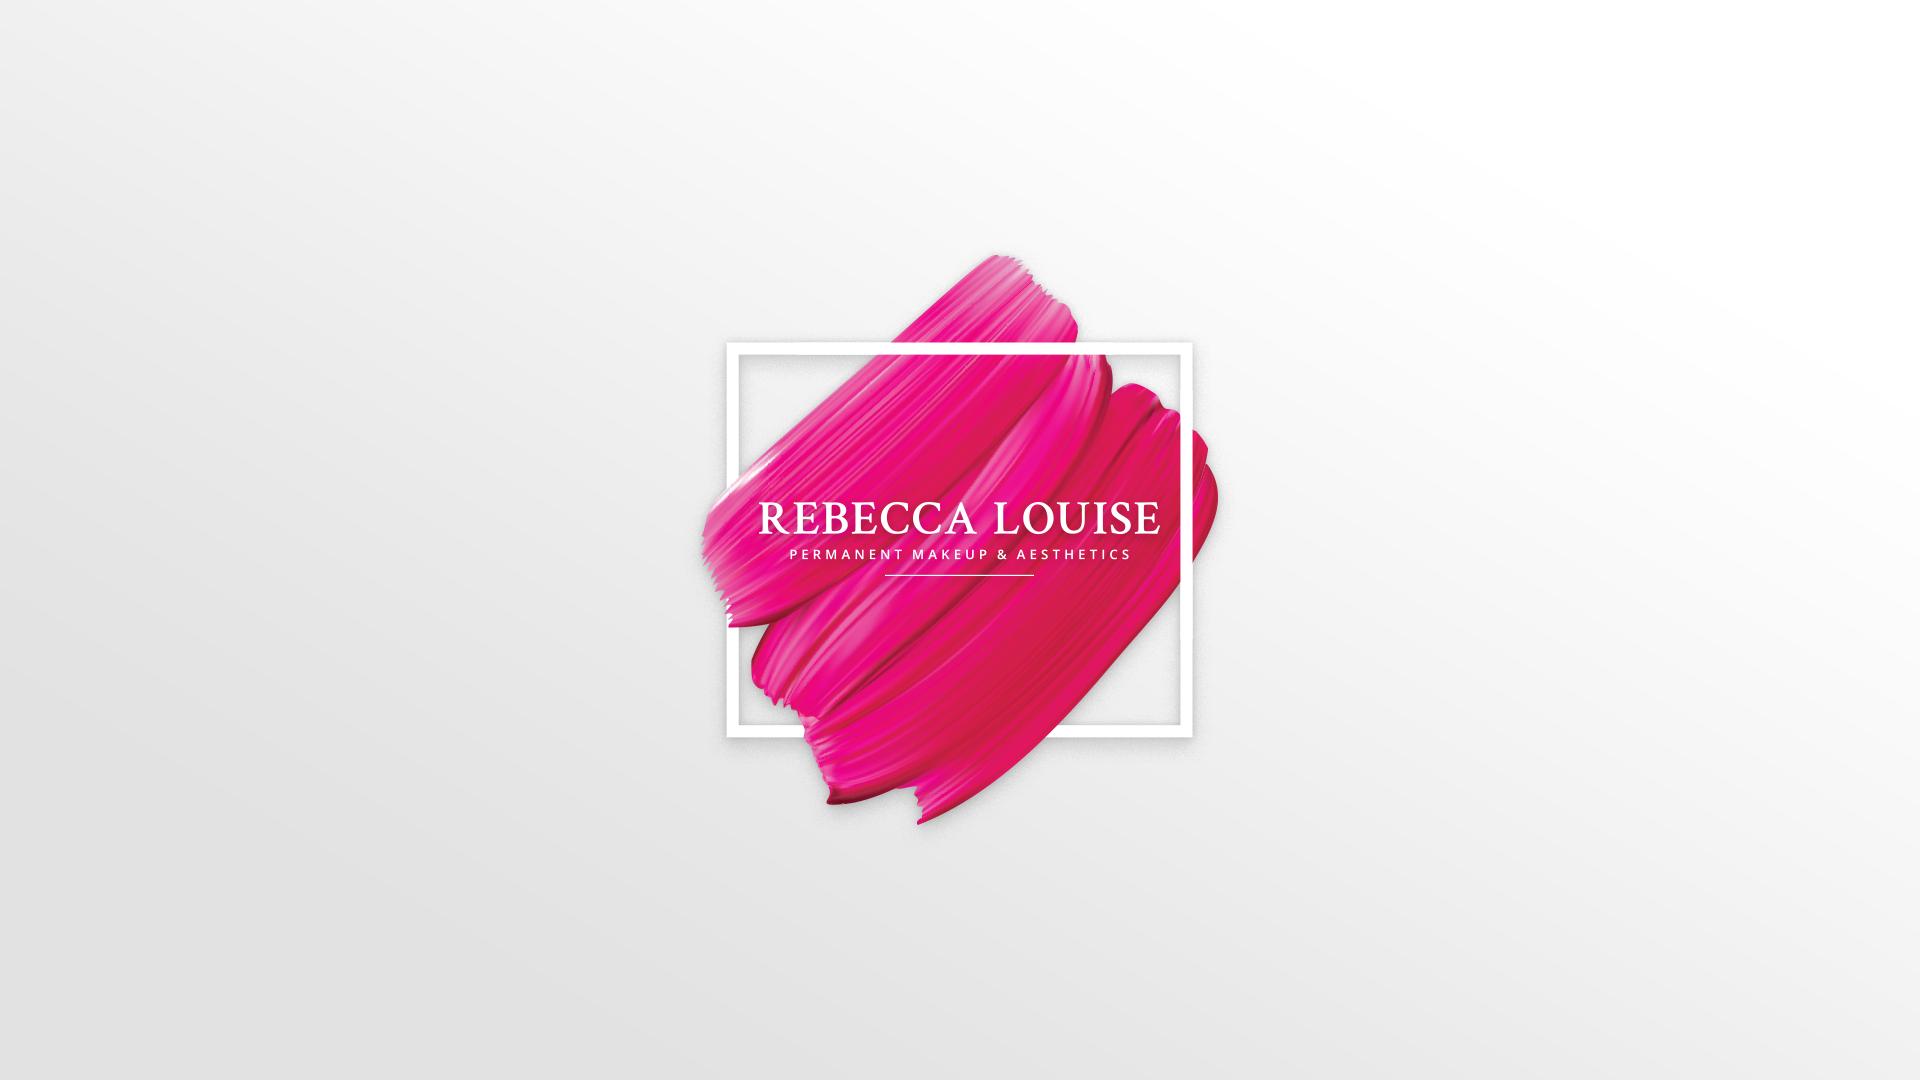 rl-logo-image.png